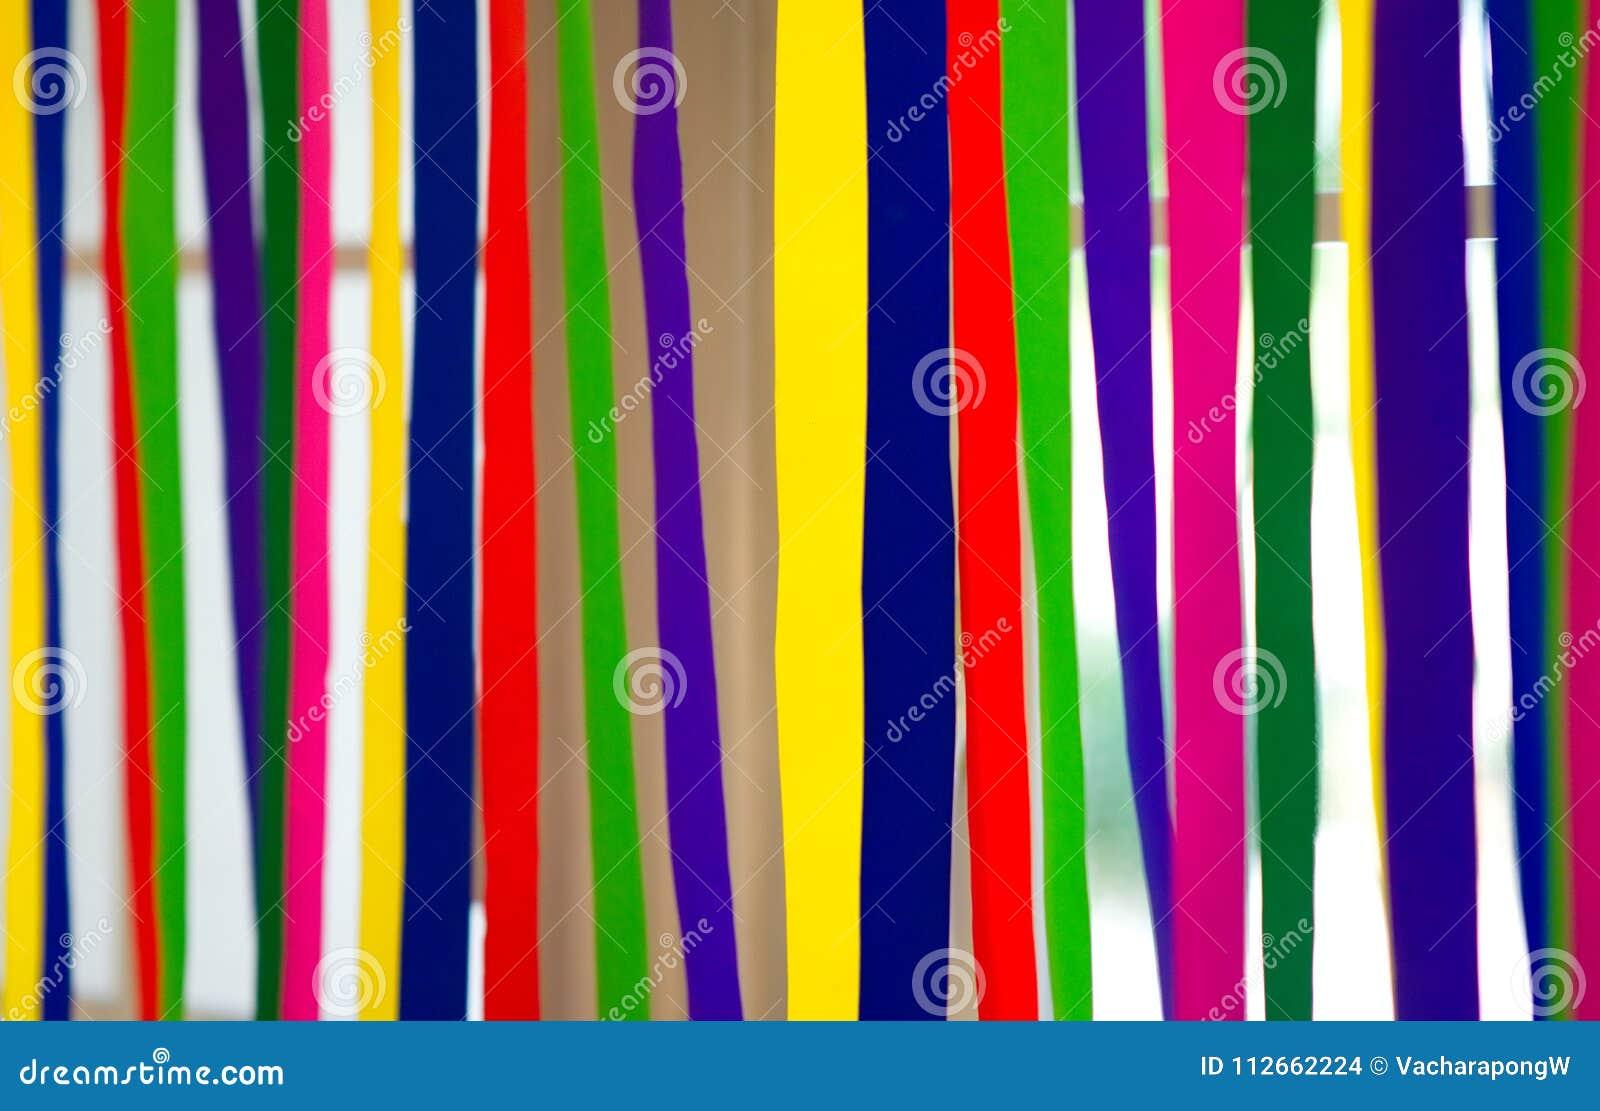 De kleurrijke document strepen hangen op venster met natuurlijk licht backgr